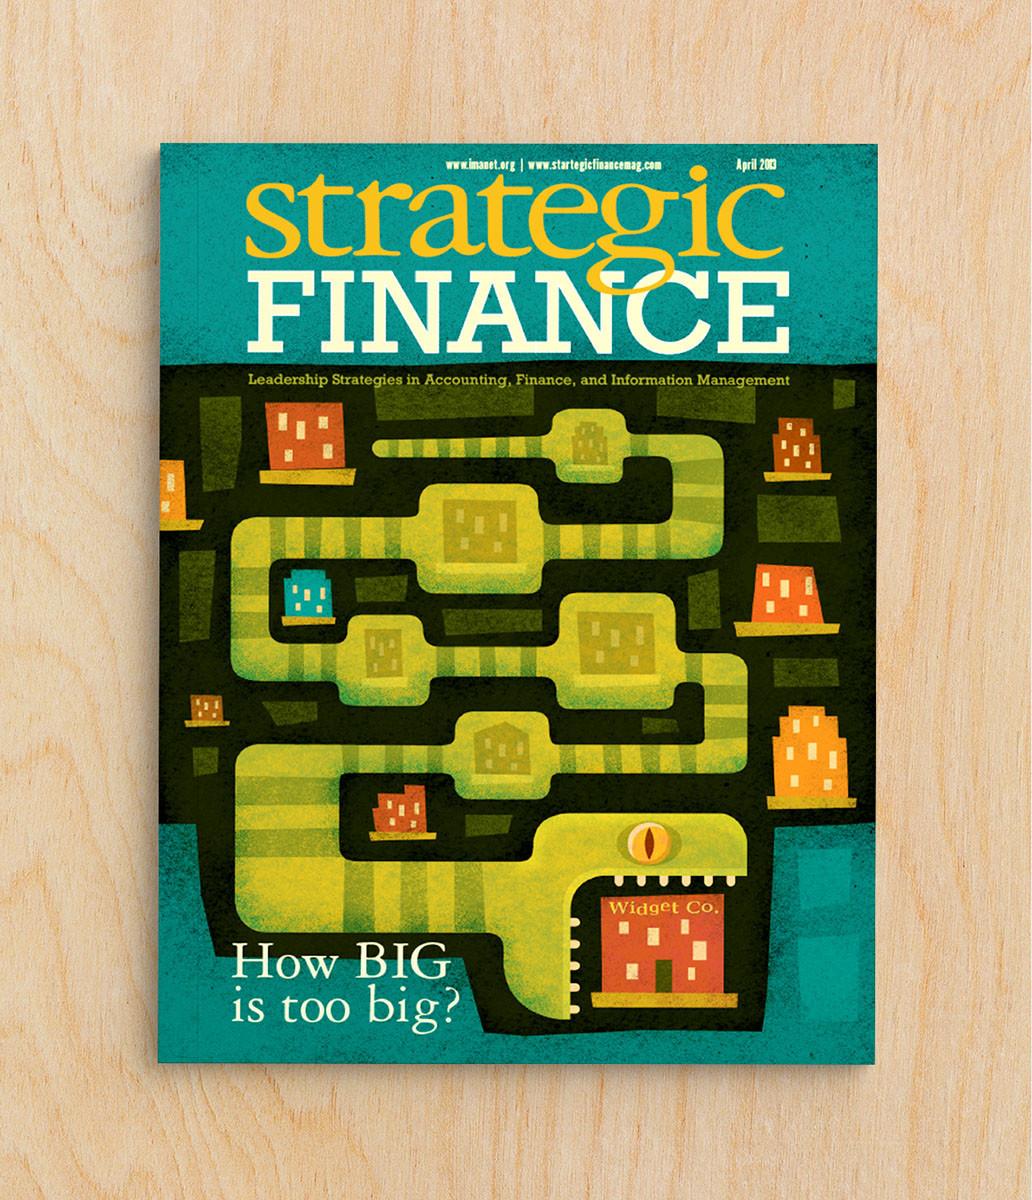 Strategic_Finance_Snake.jpg